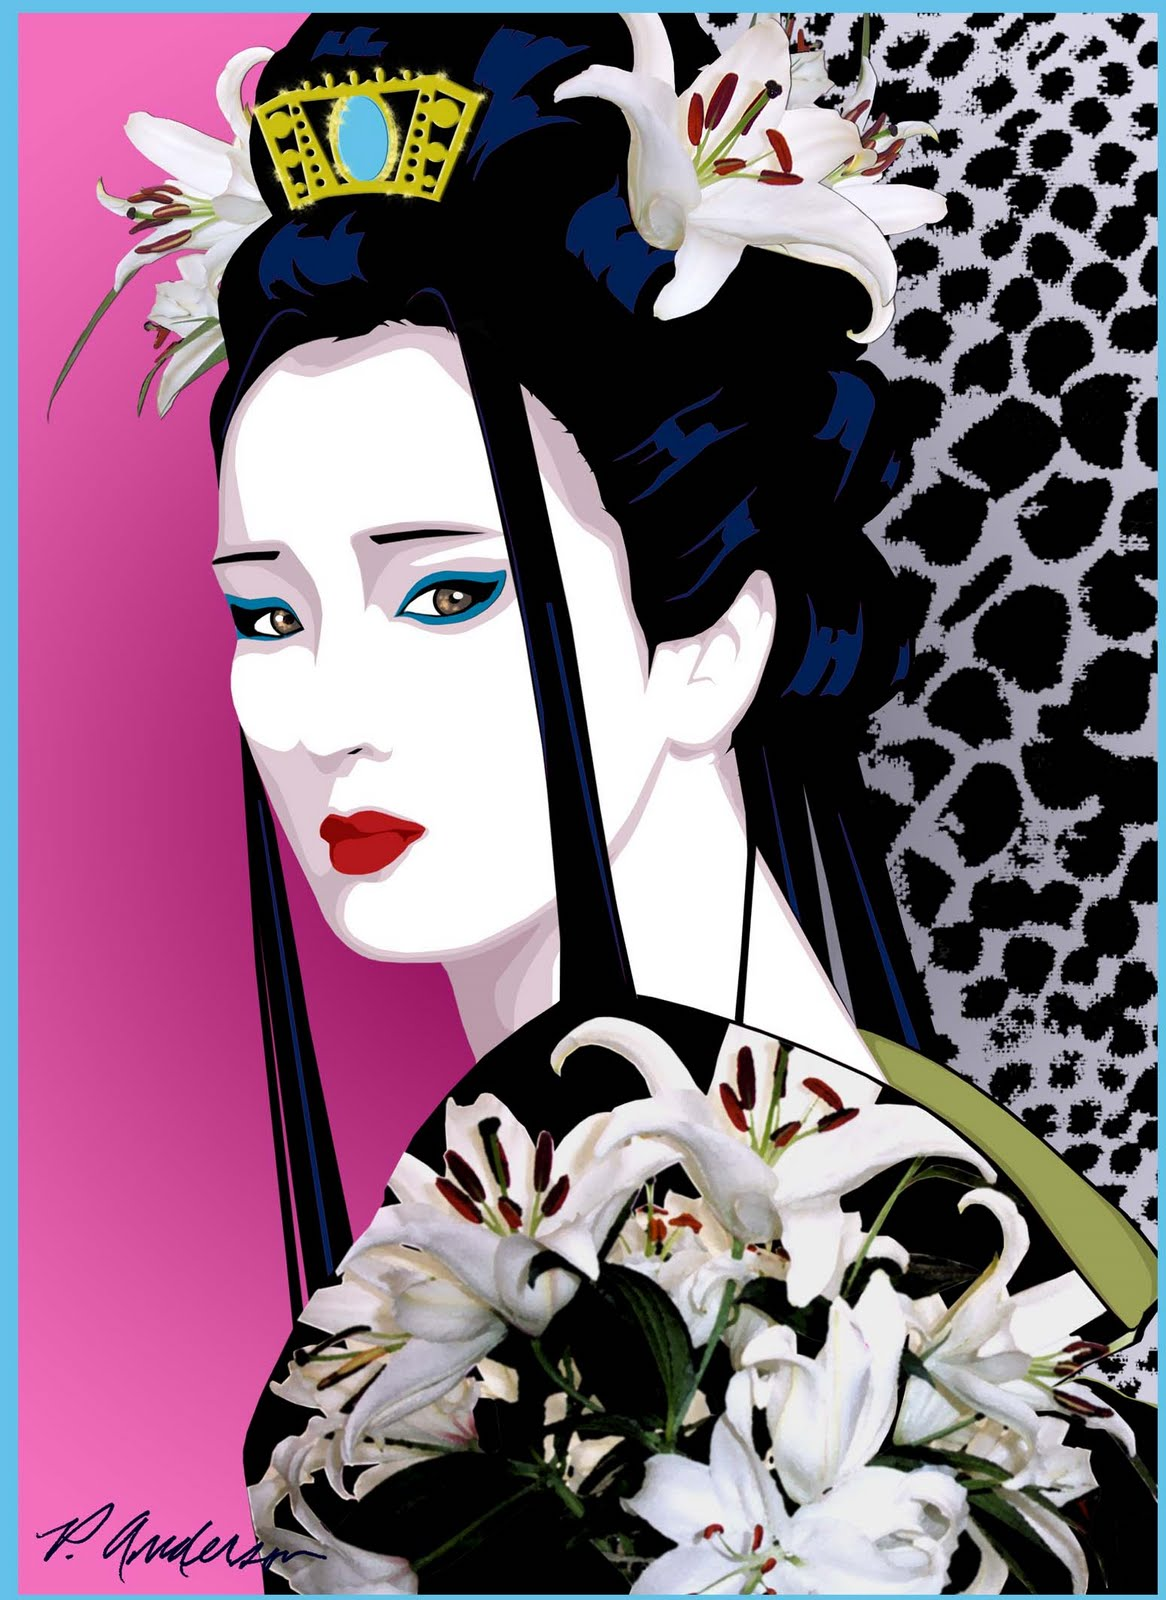 geishas auto design tech